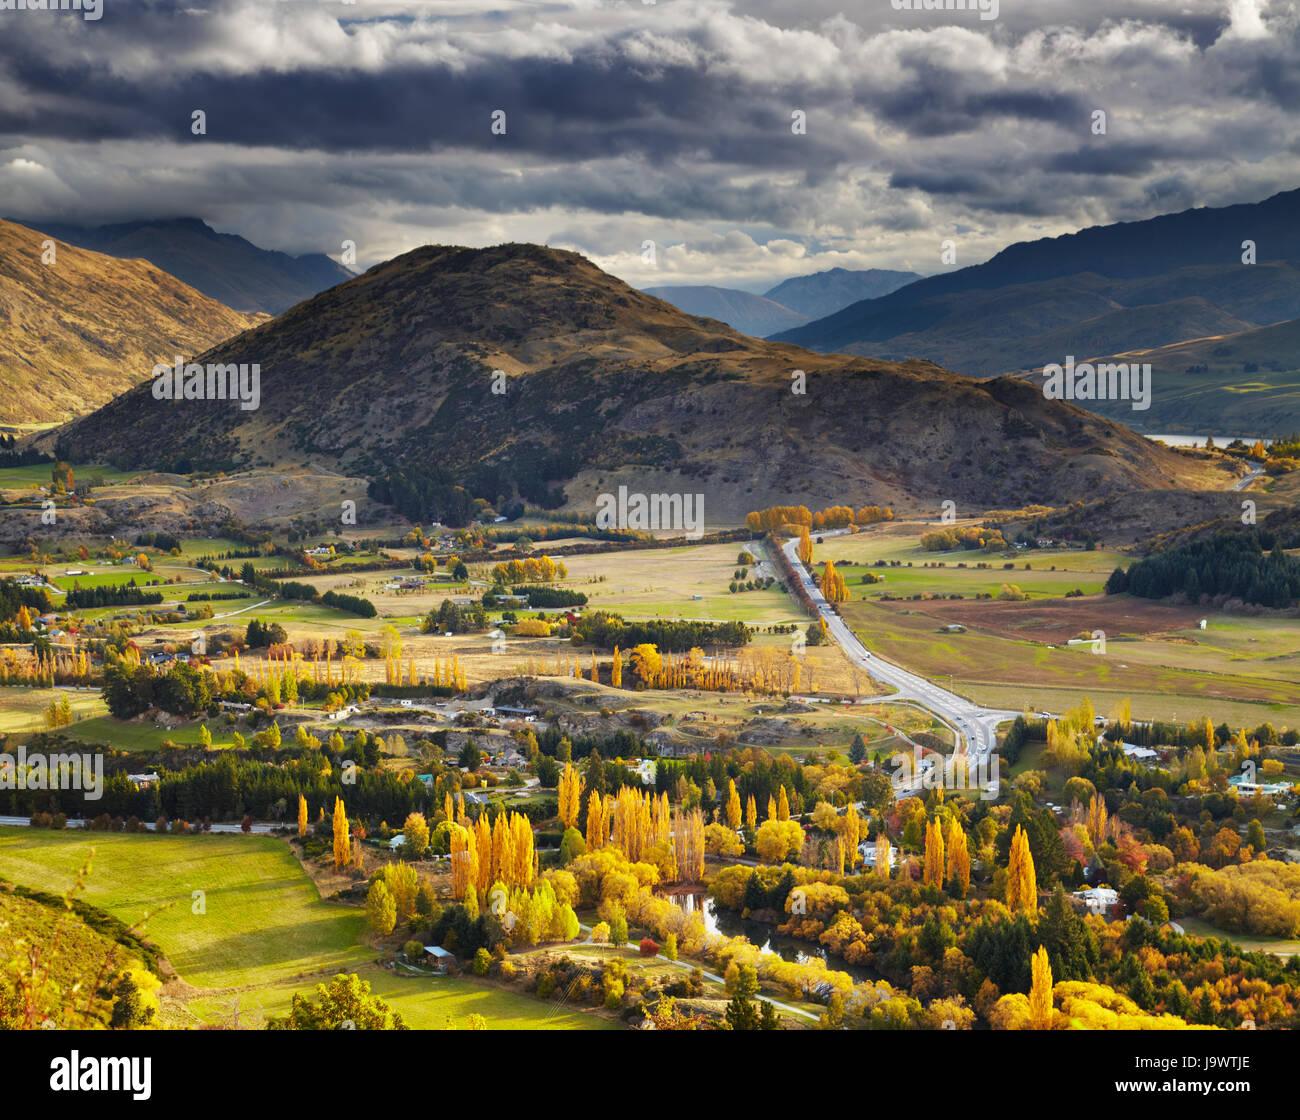 Paysage d'automne, près de Queenstown, Nouvelle-Zélande Photo Stock